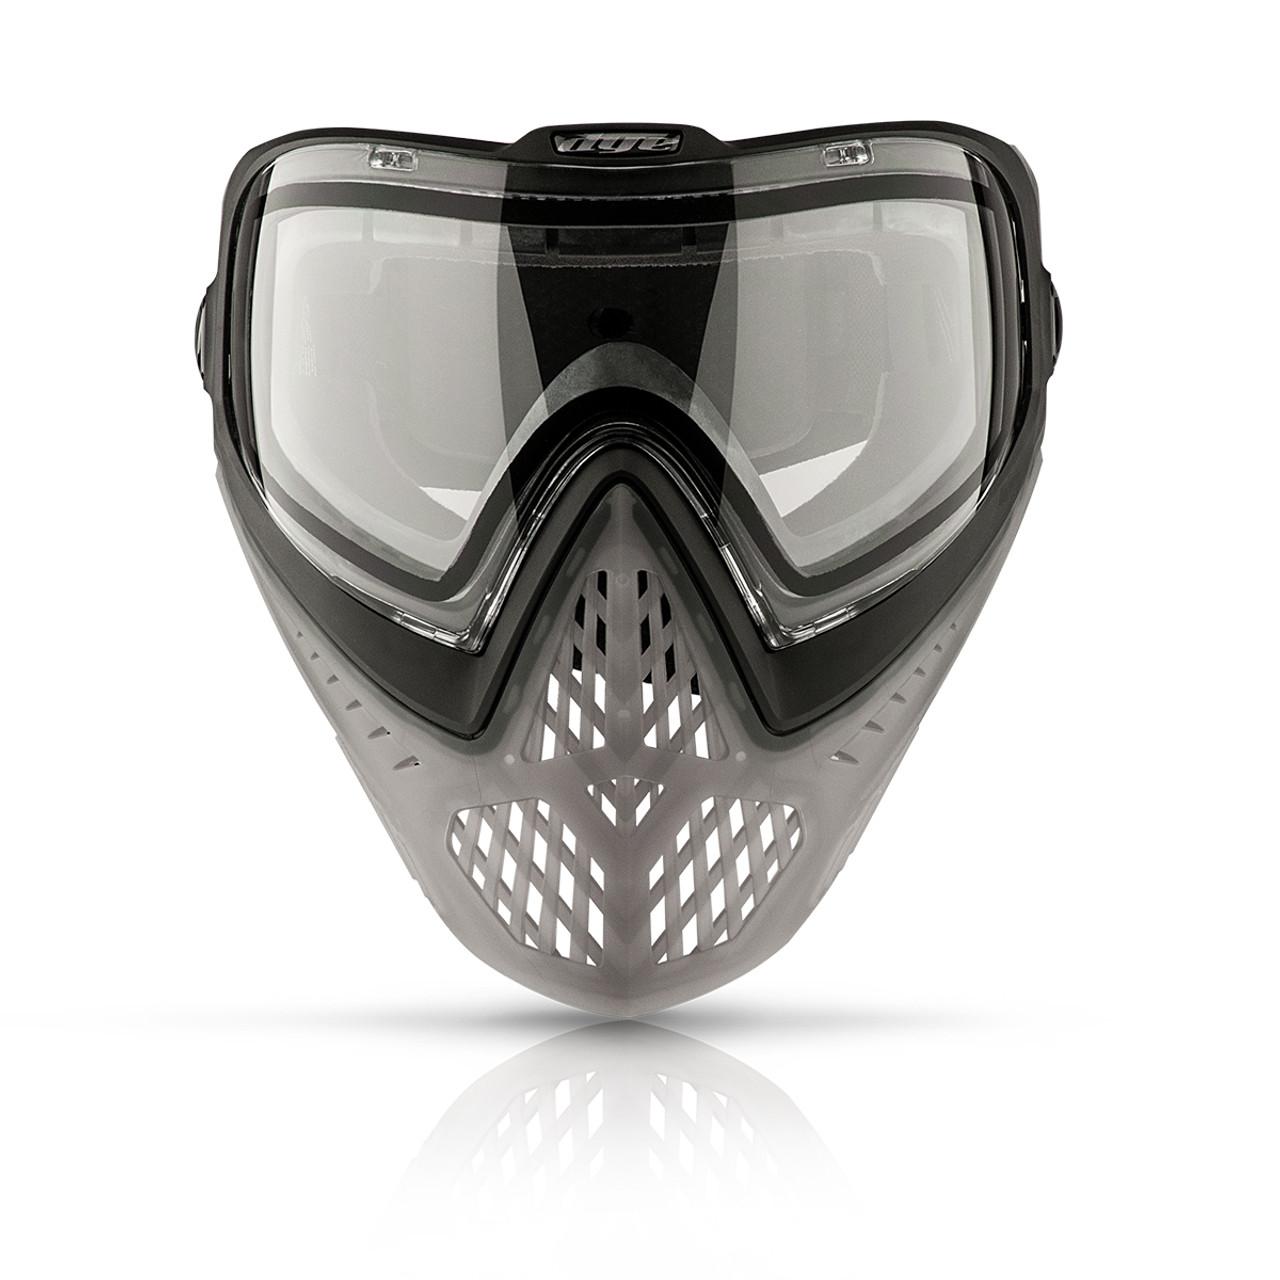 Dye - i5 Goggle - Smoked